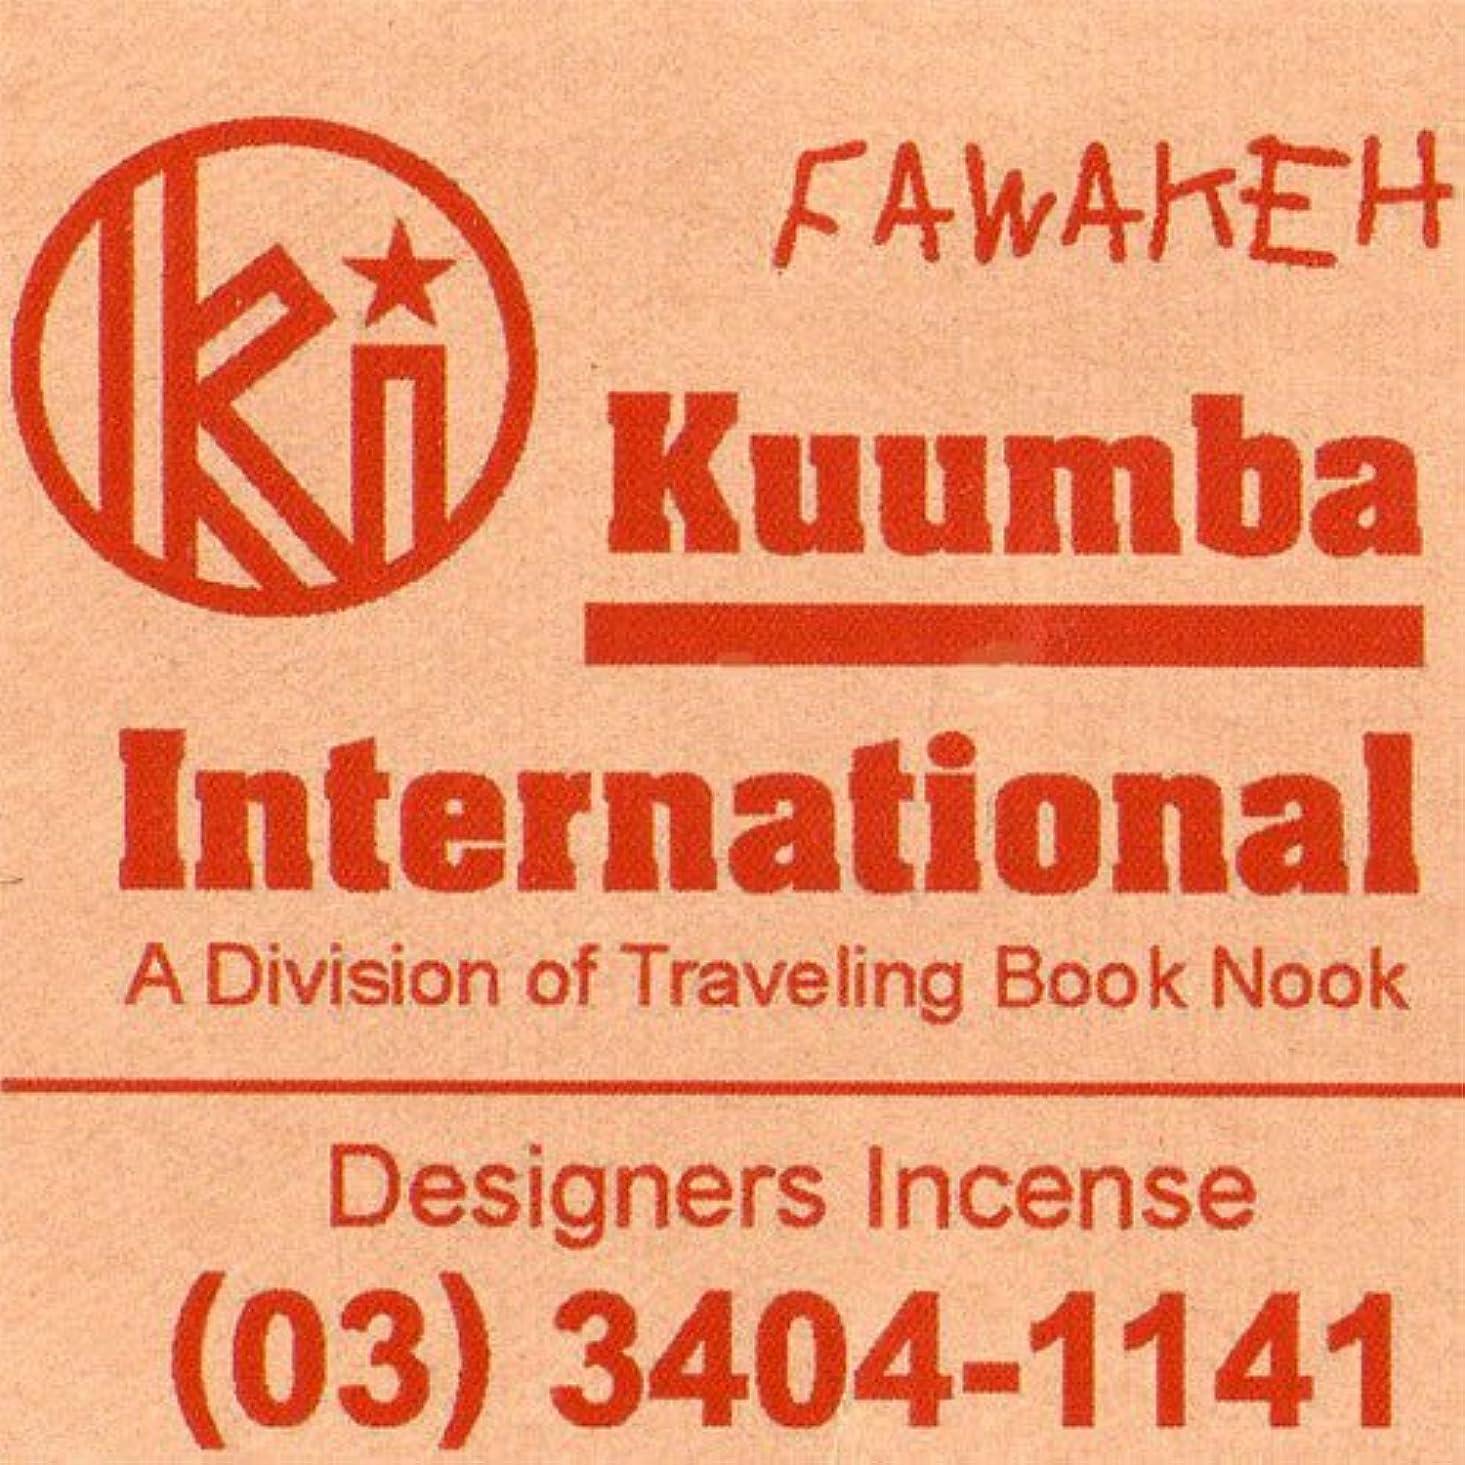 運動するパック不良品KUUMBA / クンバ『incense』(FAWAKEH) (Regular size)